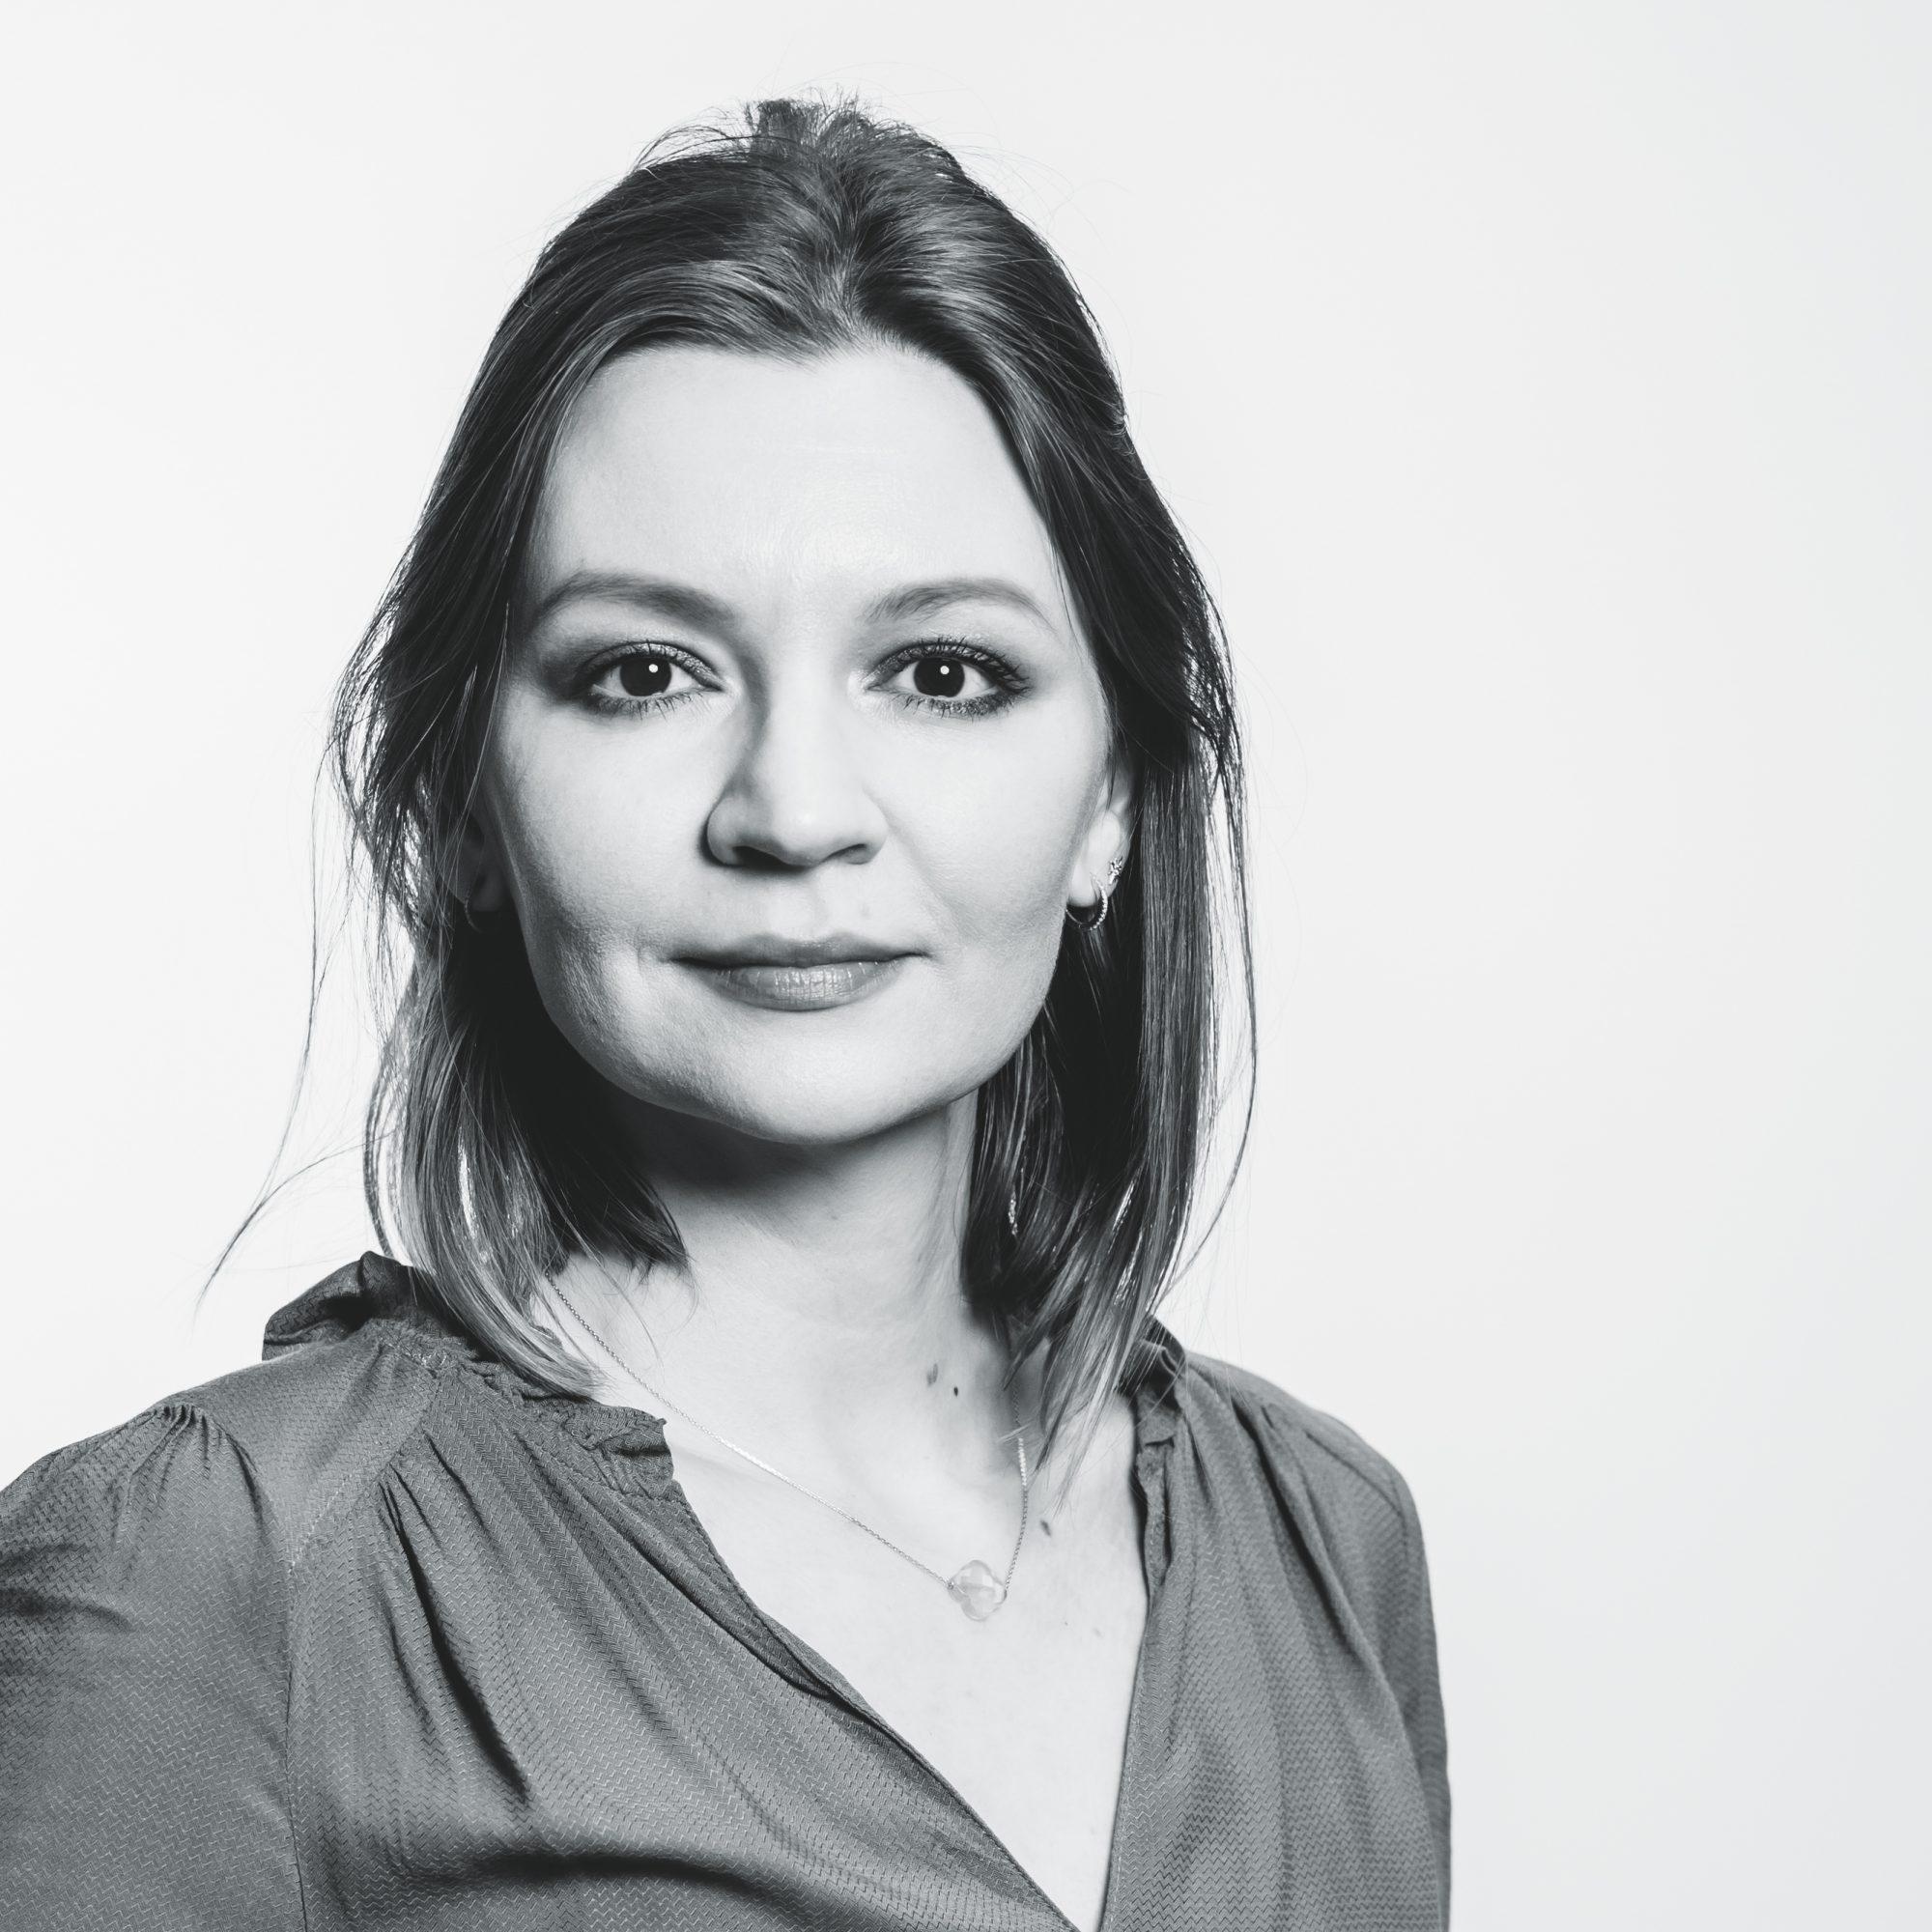 Anna korolenko девушка ищет высокооплачиваемую работу риск бизнес